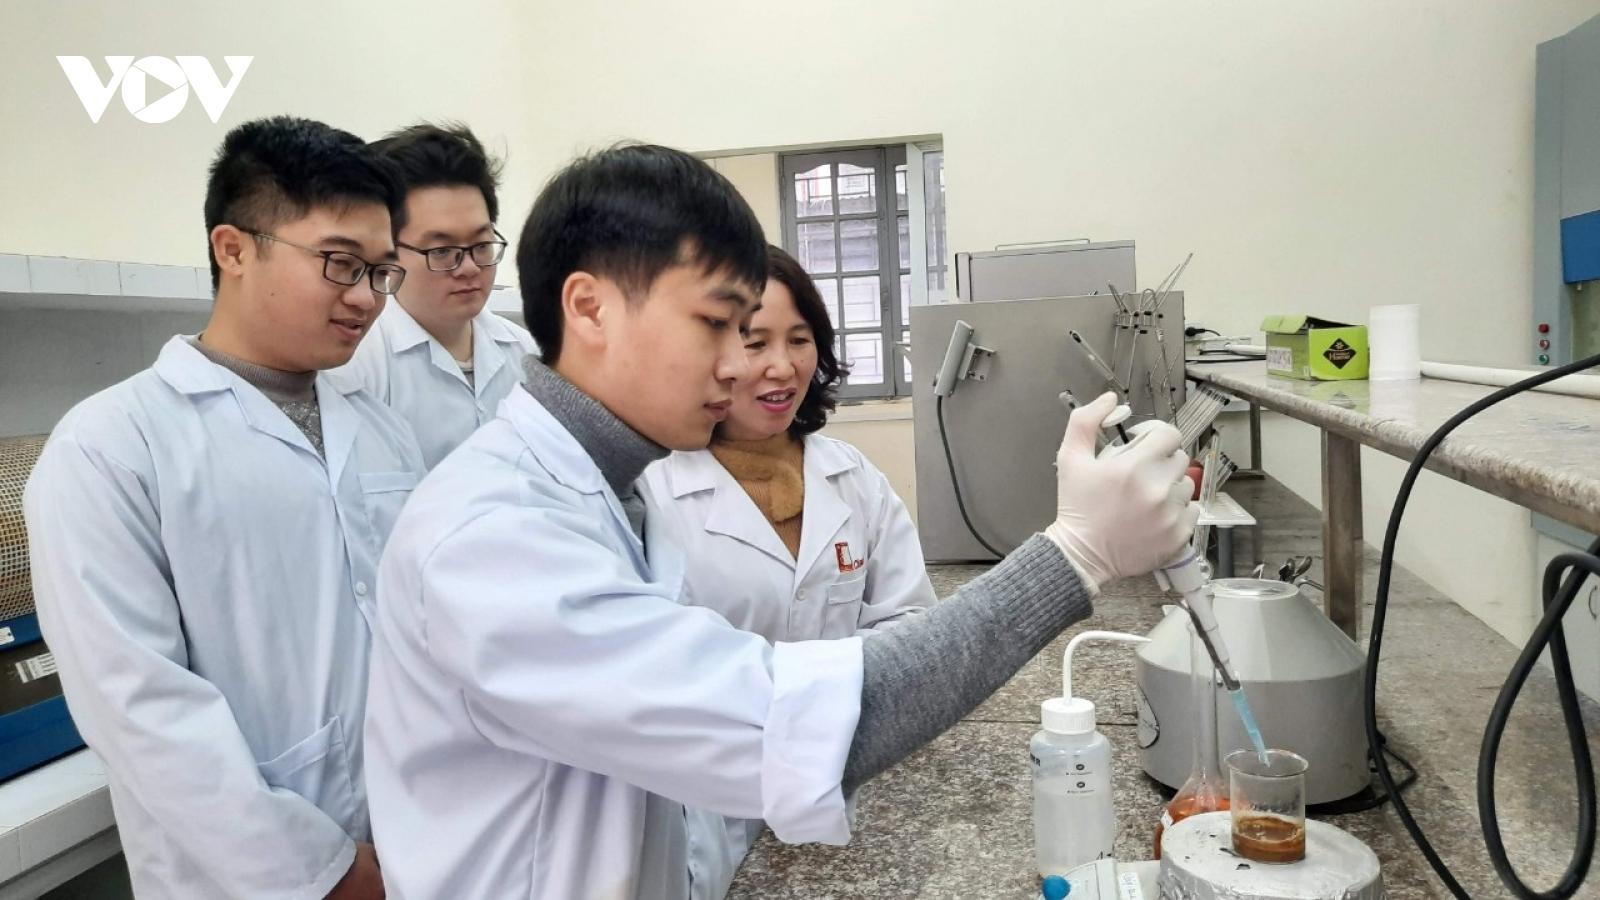 Sinh viên sẽ được hỗ trợ kinh phí khi nghiên cứu khoa học?